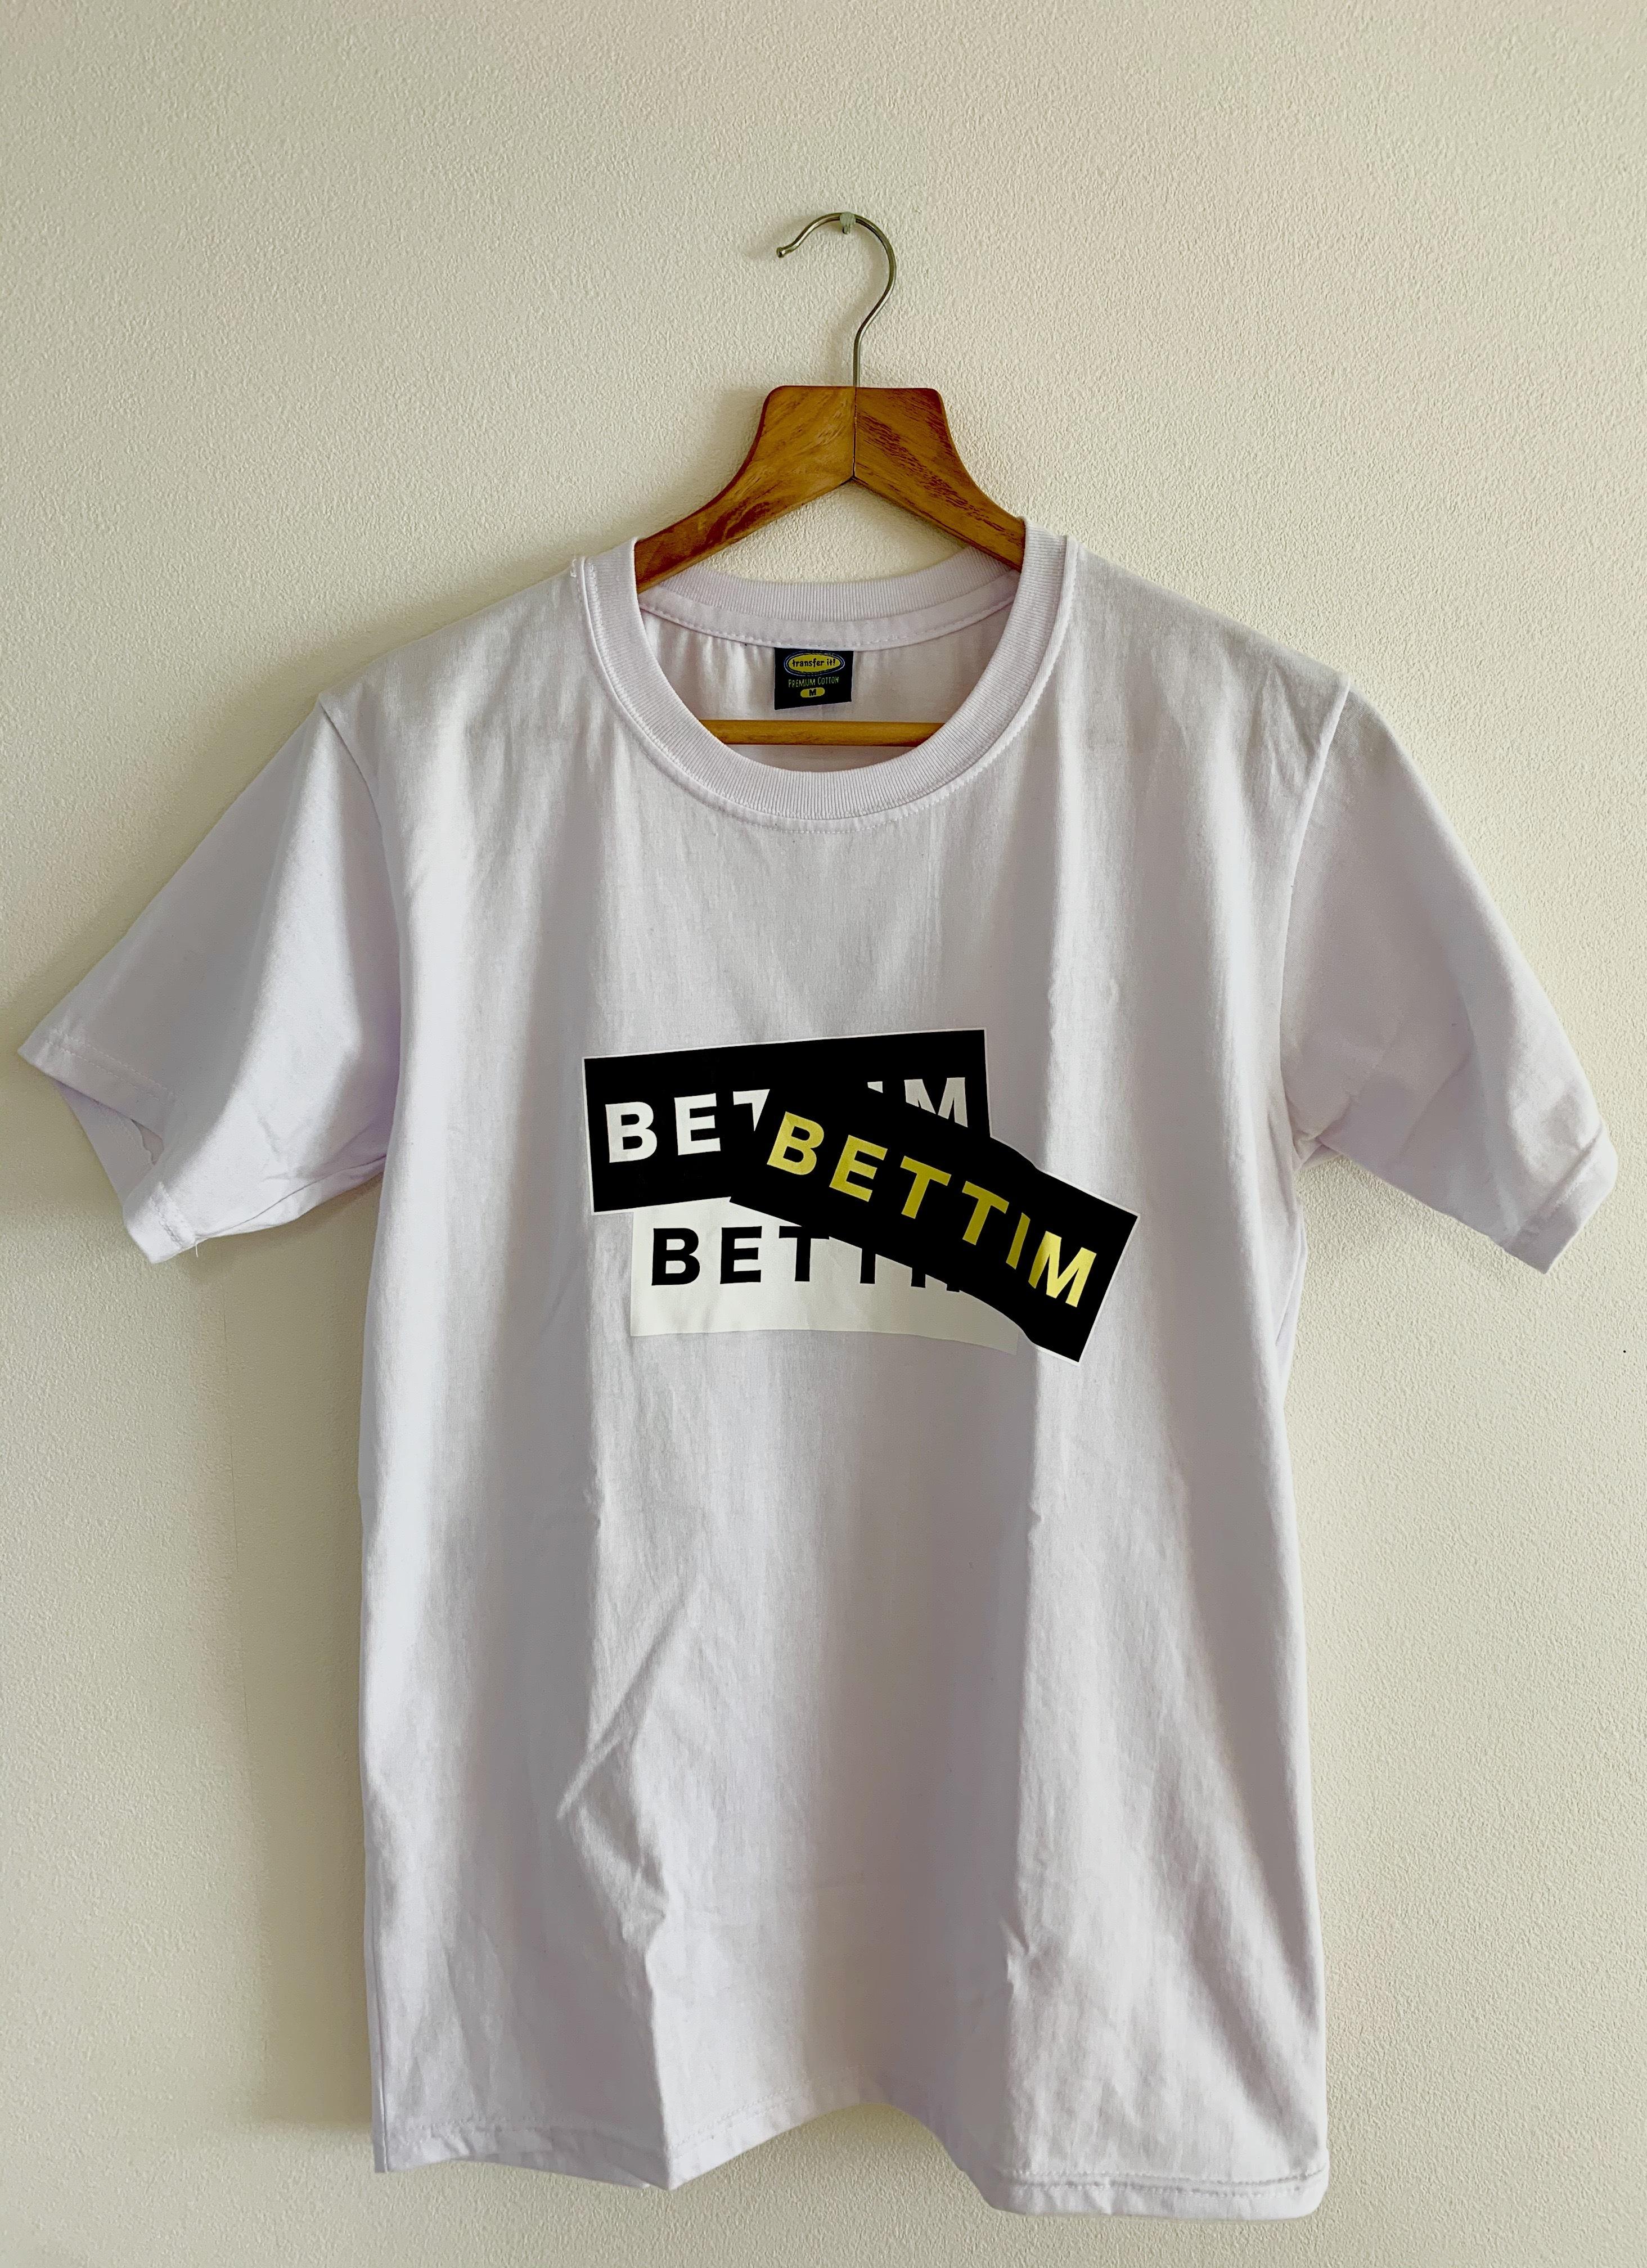 Bettim T-shirt